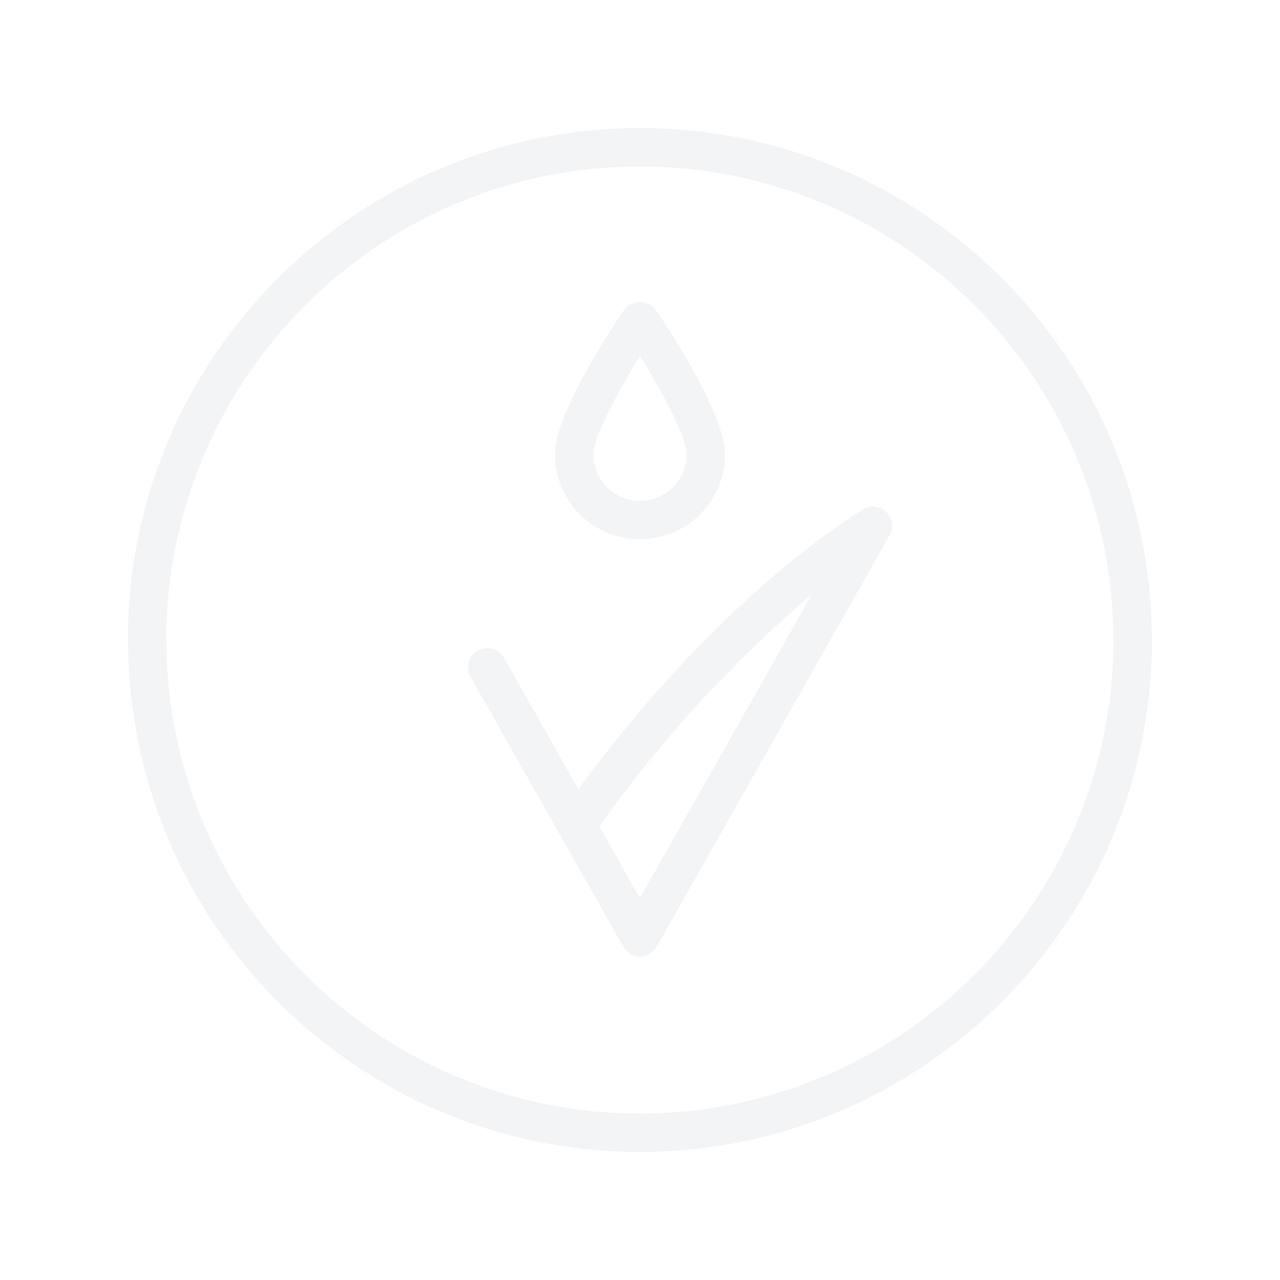 LÖWENGRIP Cell Renewal Facial Cream 50ml